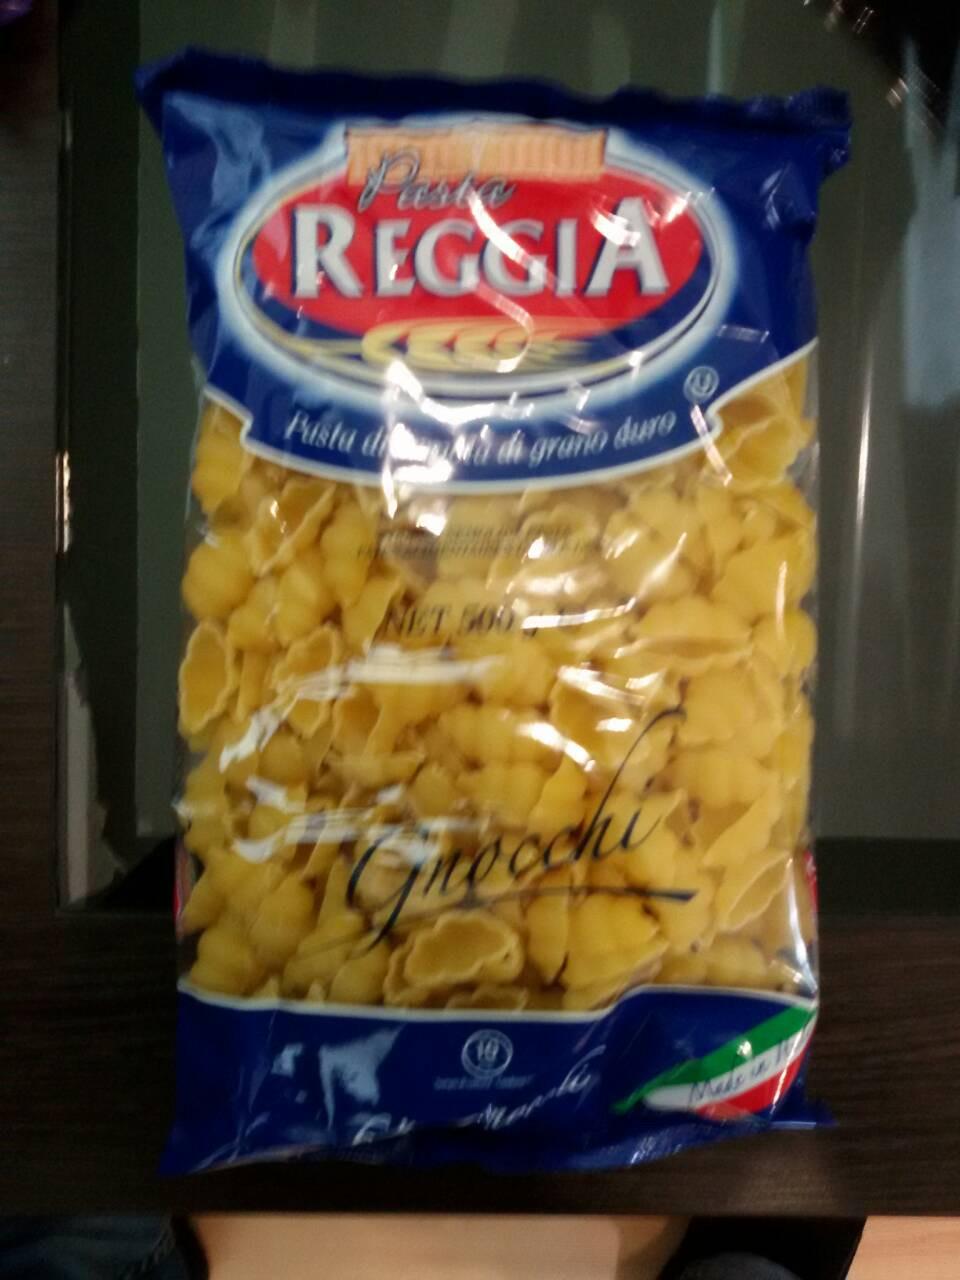 Макароны Pasta Reggia Ginucchi Паста Реггиа Гинучи №10 500г.